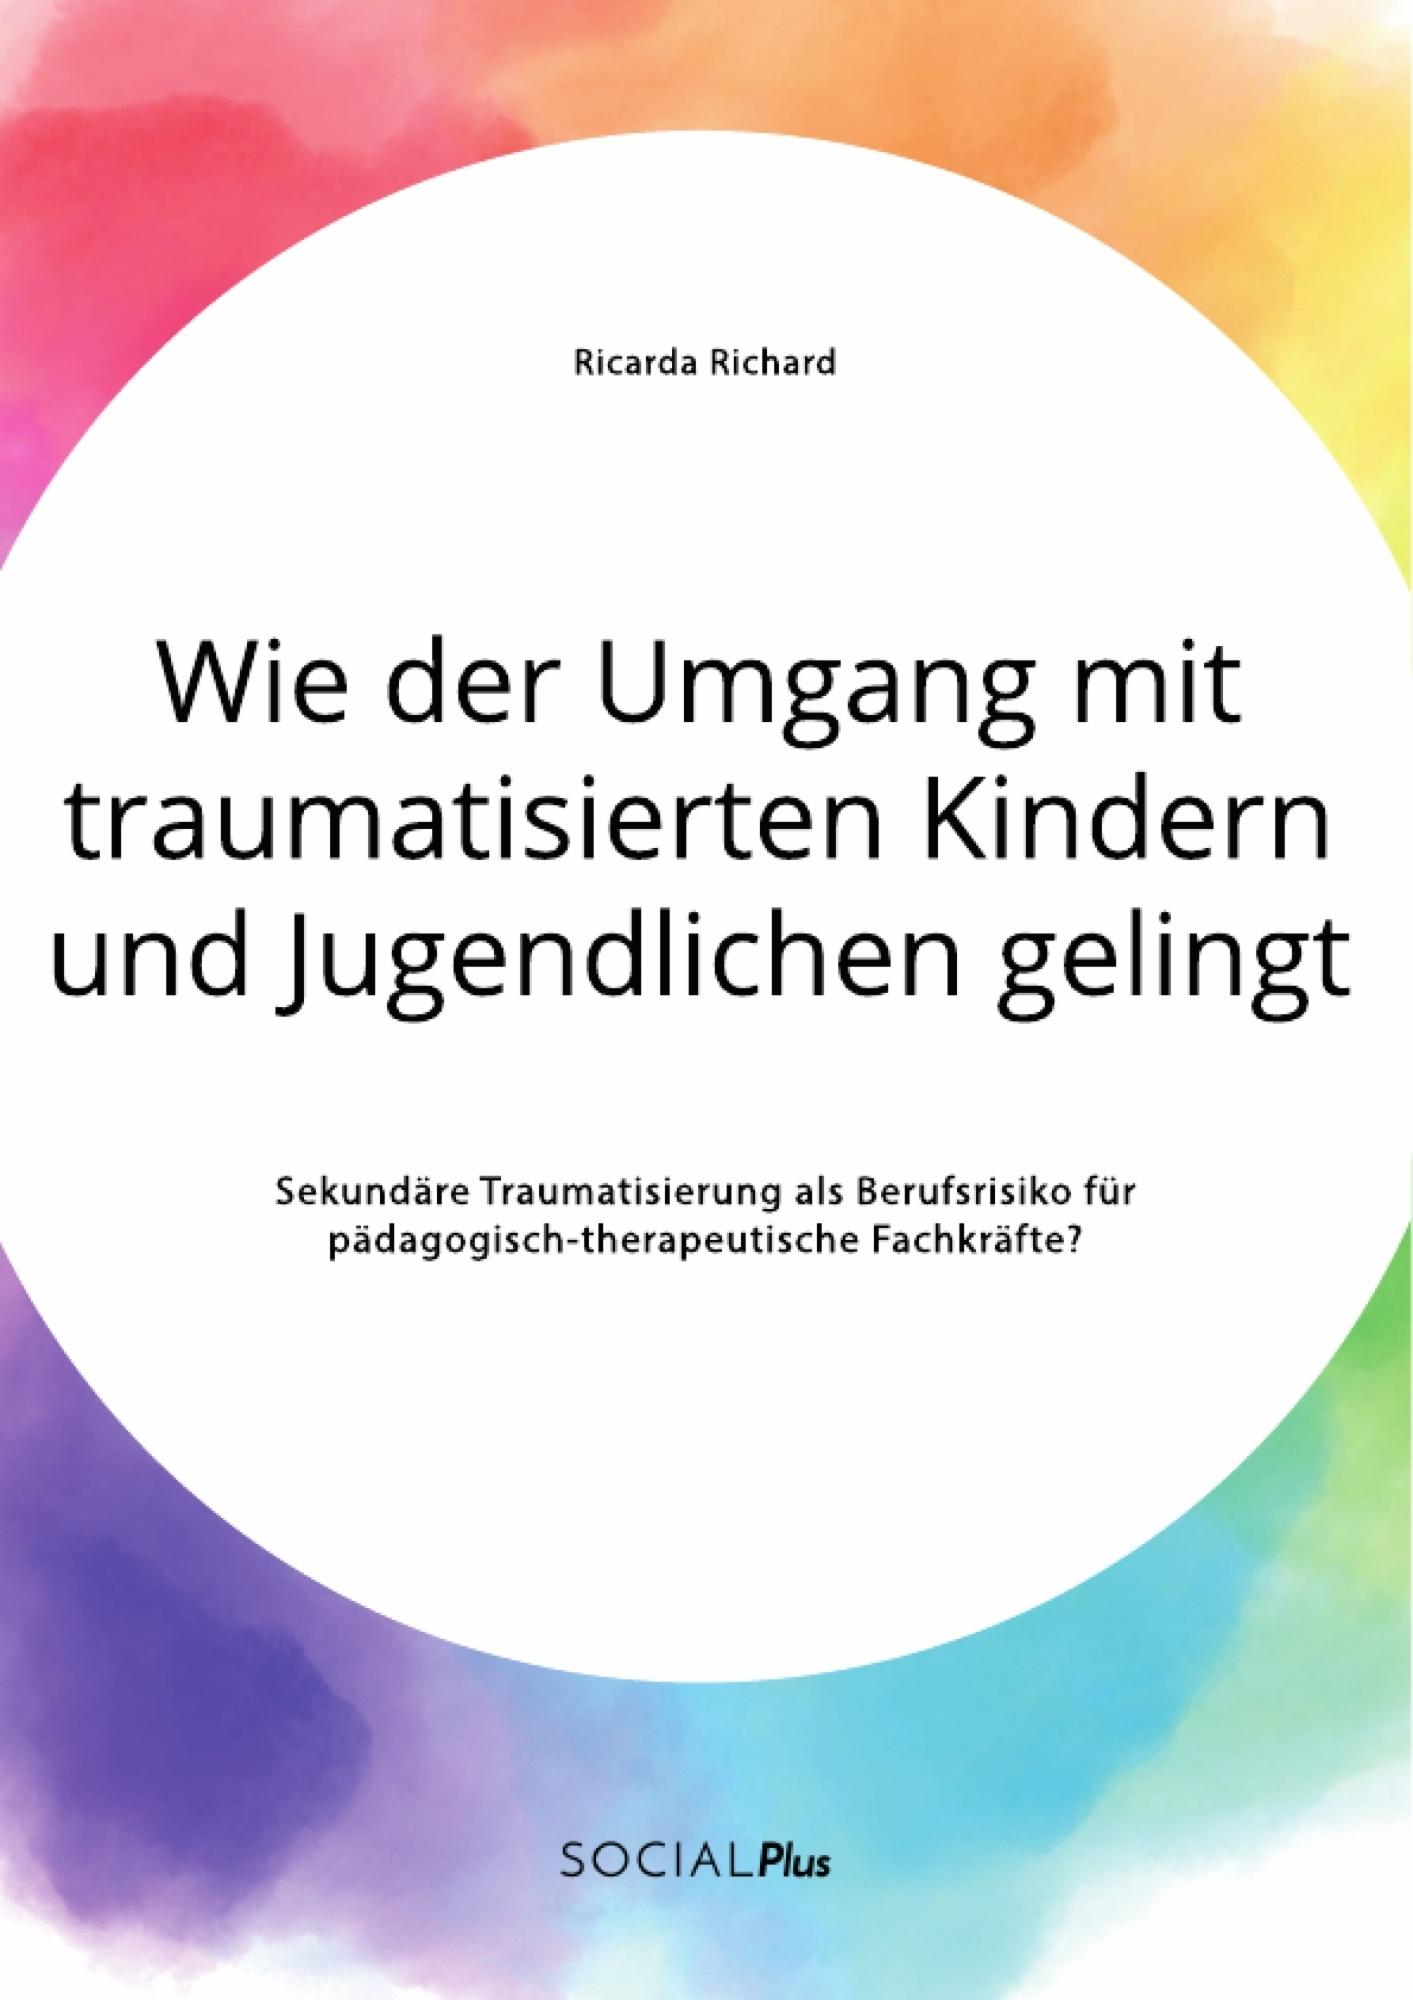 Titel: Wie der Umgang mit traumatisierten Kindern und Jugendlichen gelingt. Sekundäre Traumatisierung als Berufsrisiko für pädagogisch-therapeutische Fachkräfte?